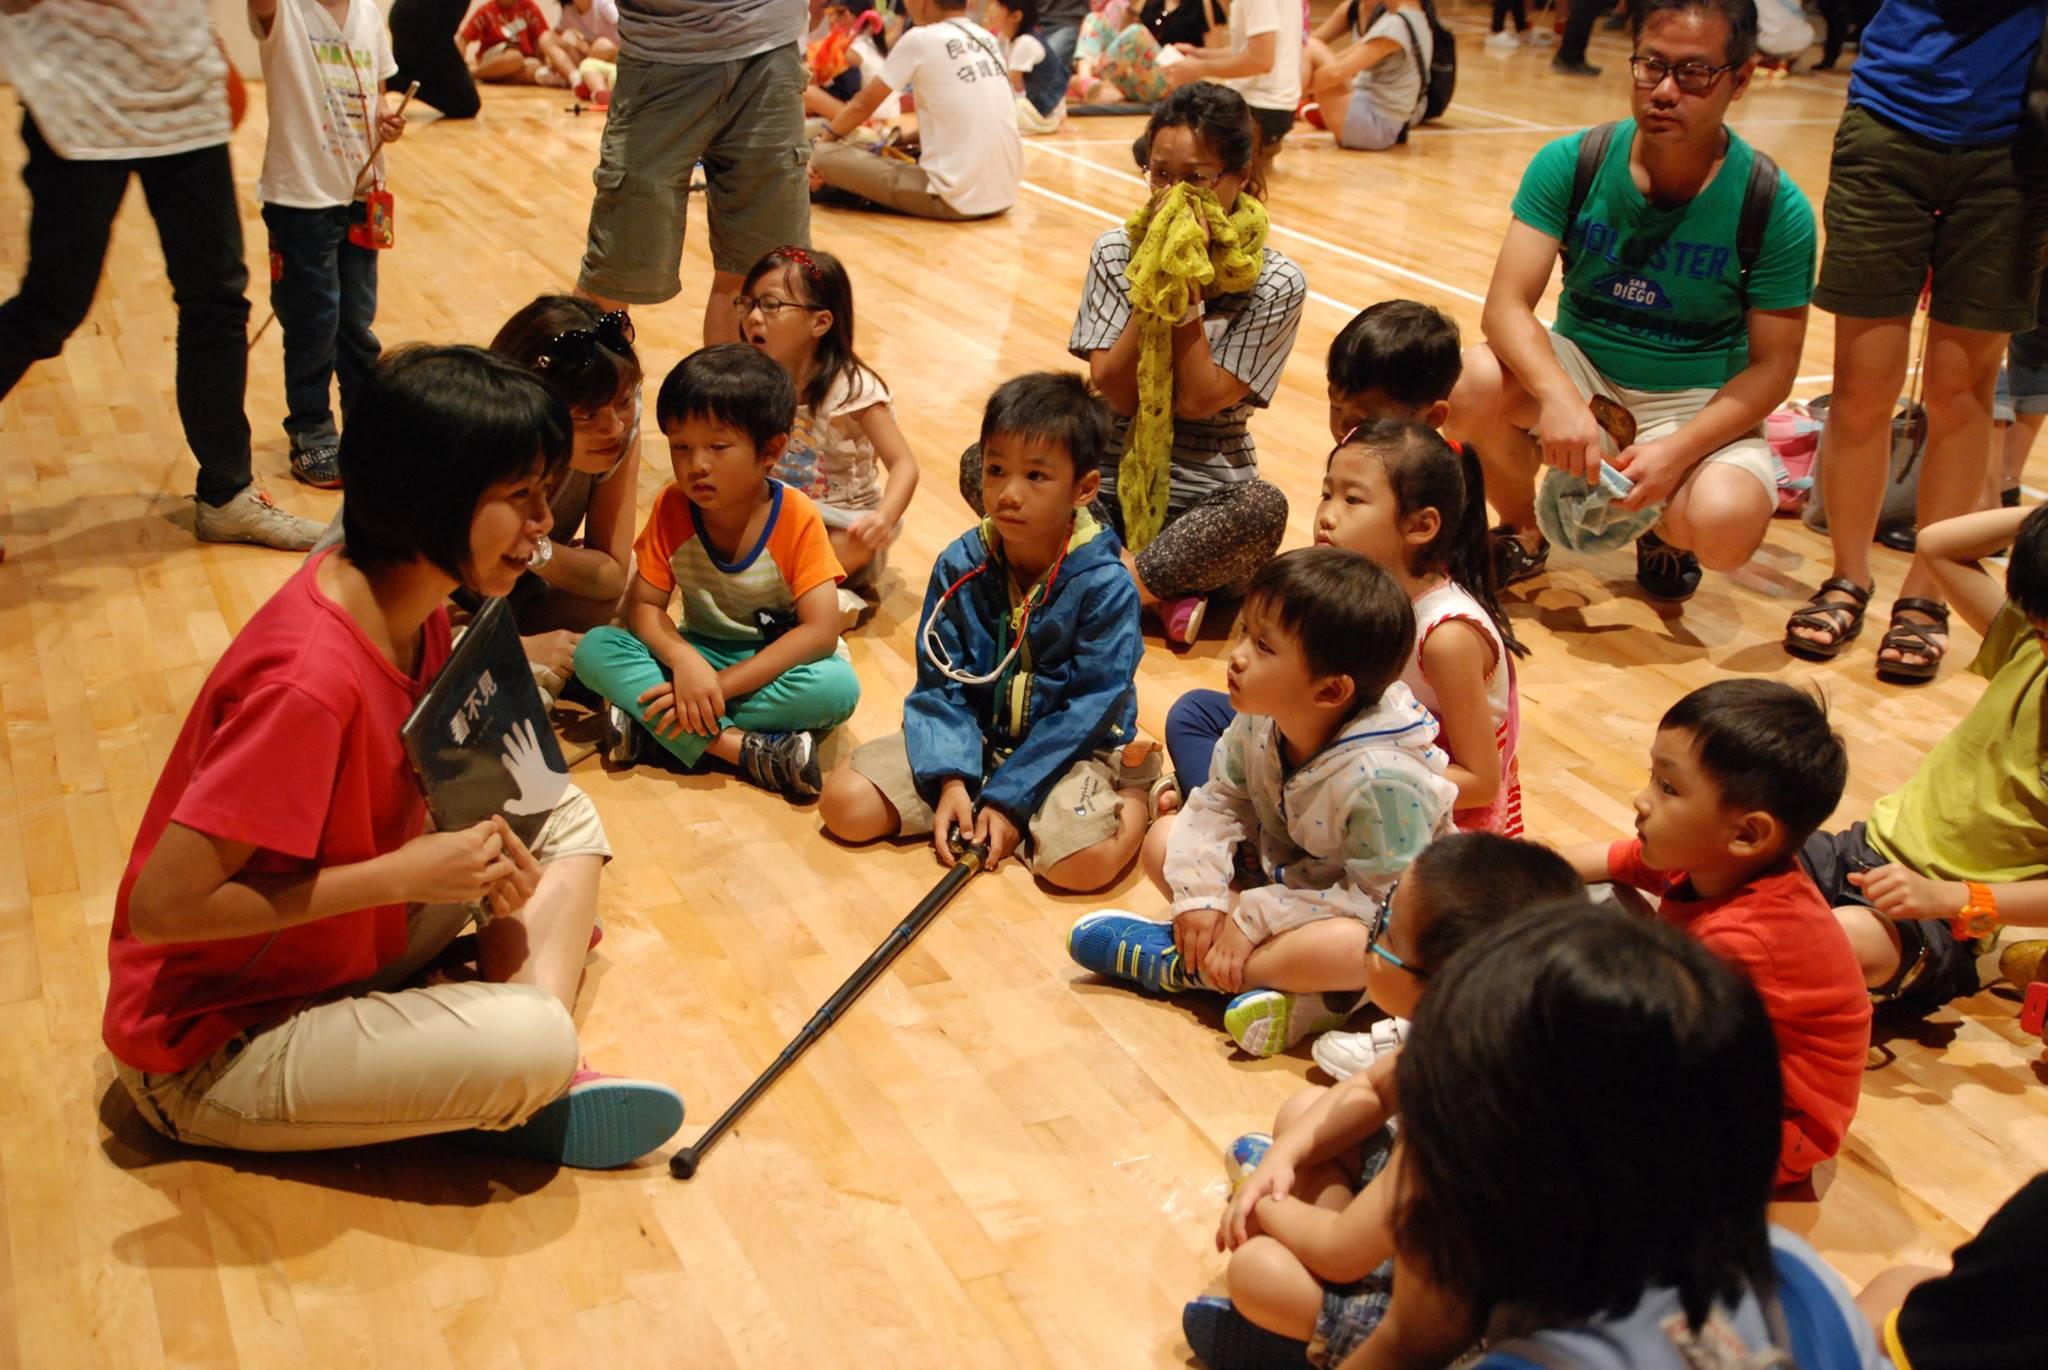 大小朋友圍讀《看不見》。相片由綠腳丫提供